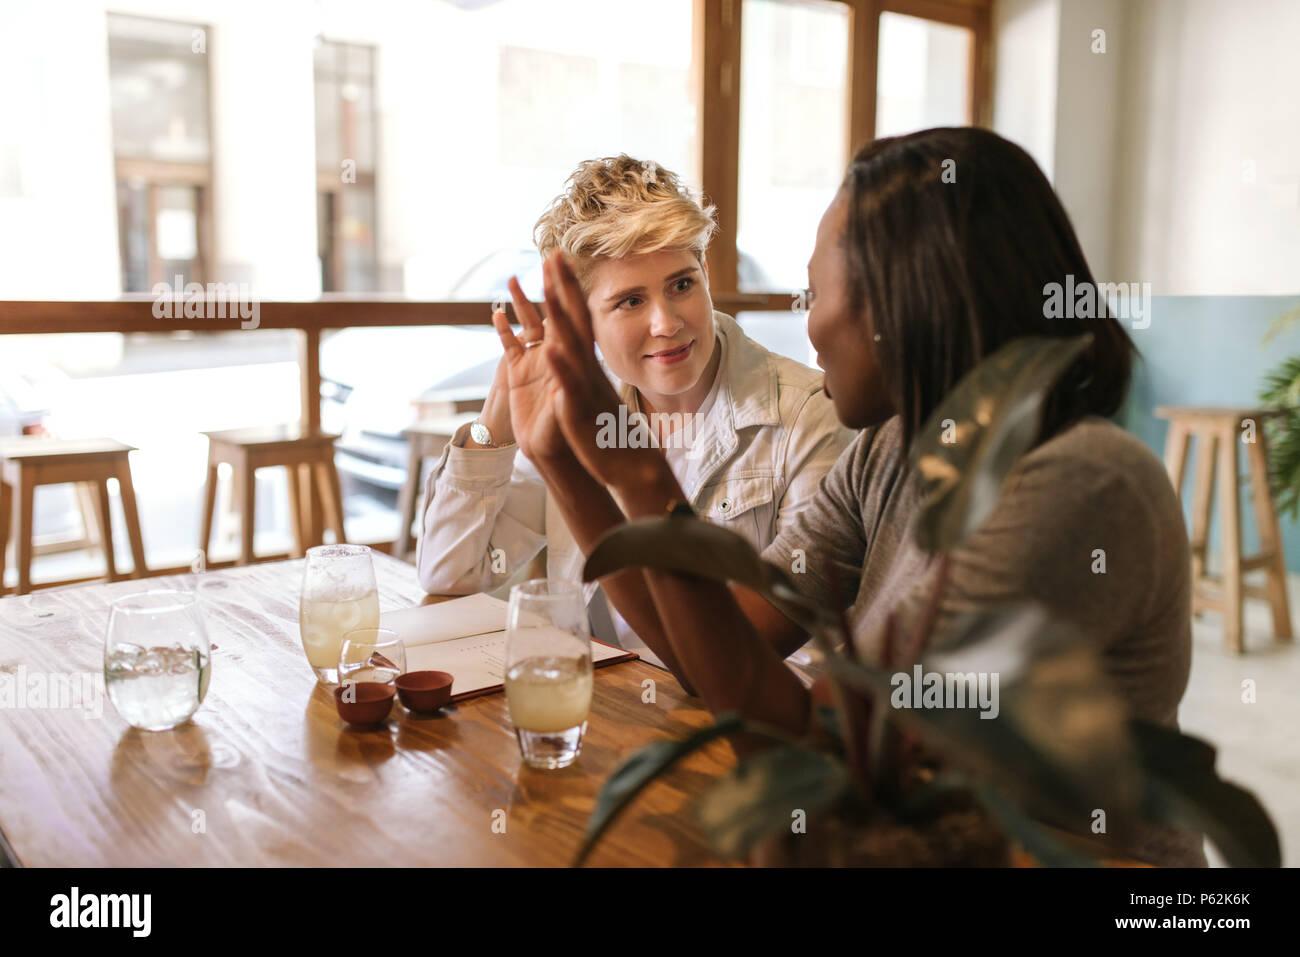 Serveur en parlant avec des clients assis à une table de bistro Banque D'Images